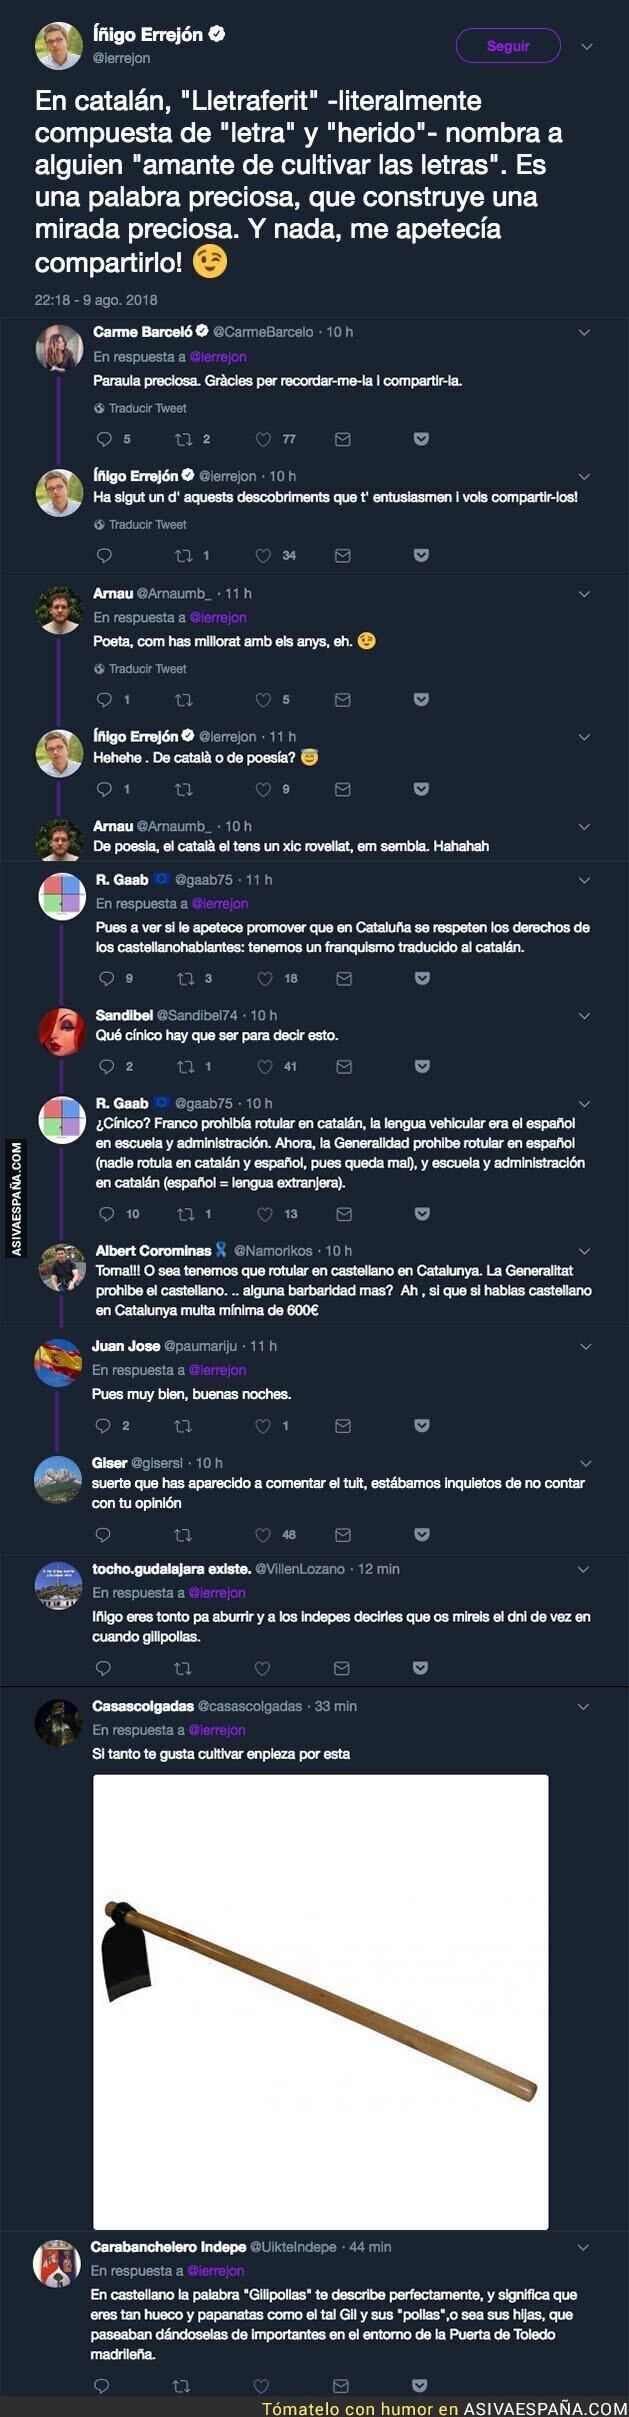 90855 - Íñigo Errejón tuitea -y explica- una palabra en catalán y no tardan en salir los indignados